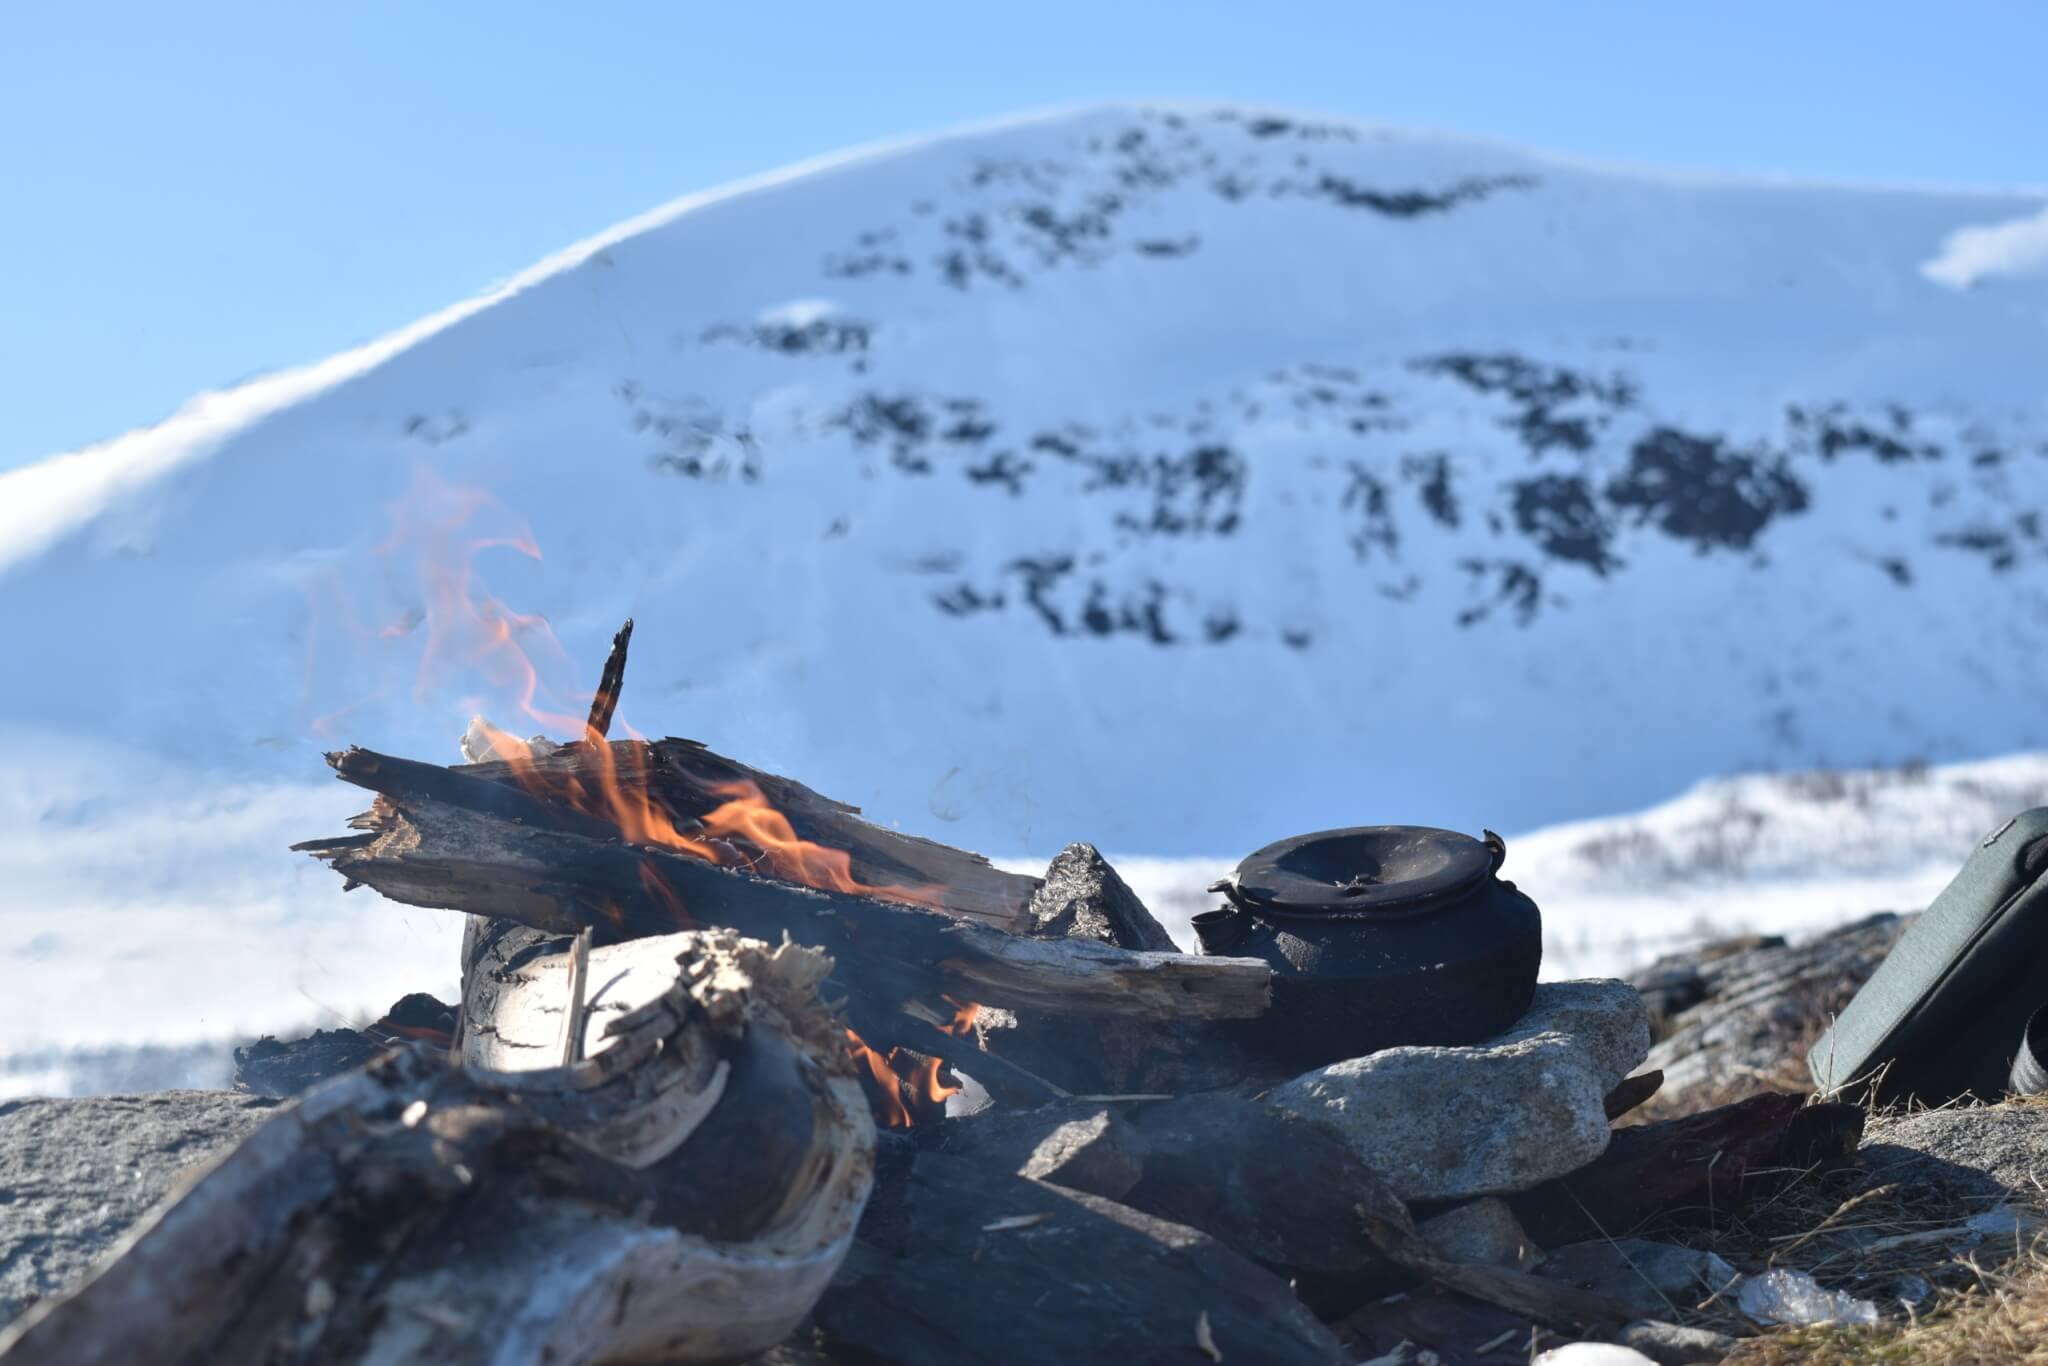 En öppen eld på kalfjäll med sotig kaffepanna bredvid. I bakgrunden stort snötäckt fjäll.